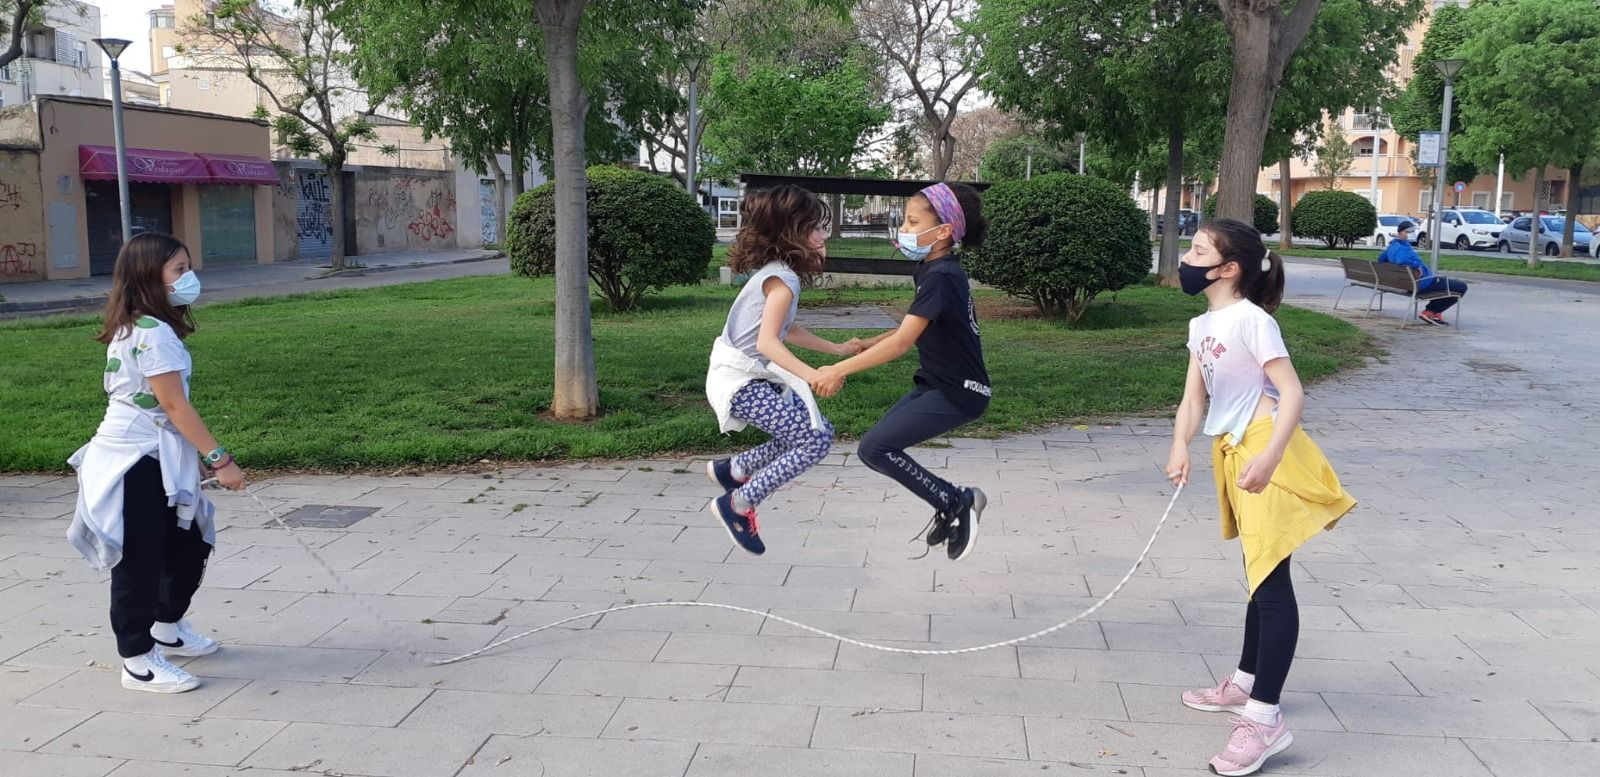 Cerca de 7.000 alumnos de Baleares participan en el día de la Educación Física en la calle